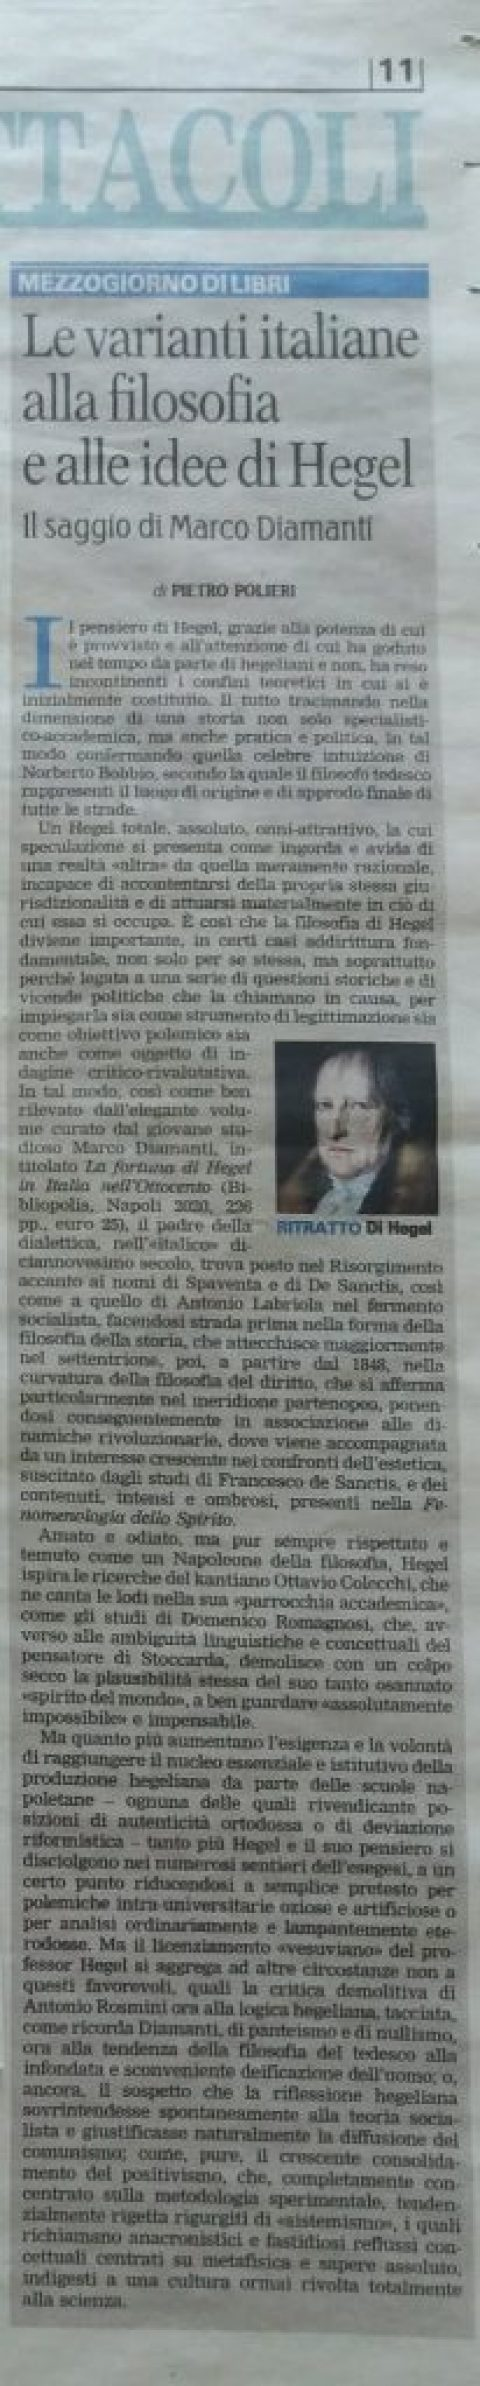 """La Gazzetta del Mezzogiorno Rubrica:  """"Mezzogiorno di Libri"""" 05 luglio 2021"""